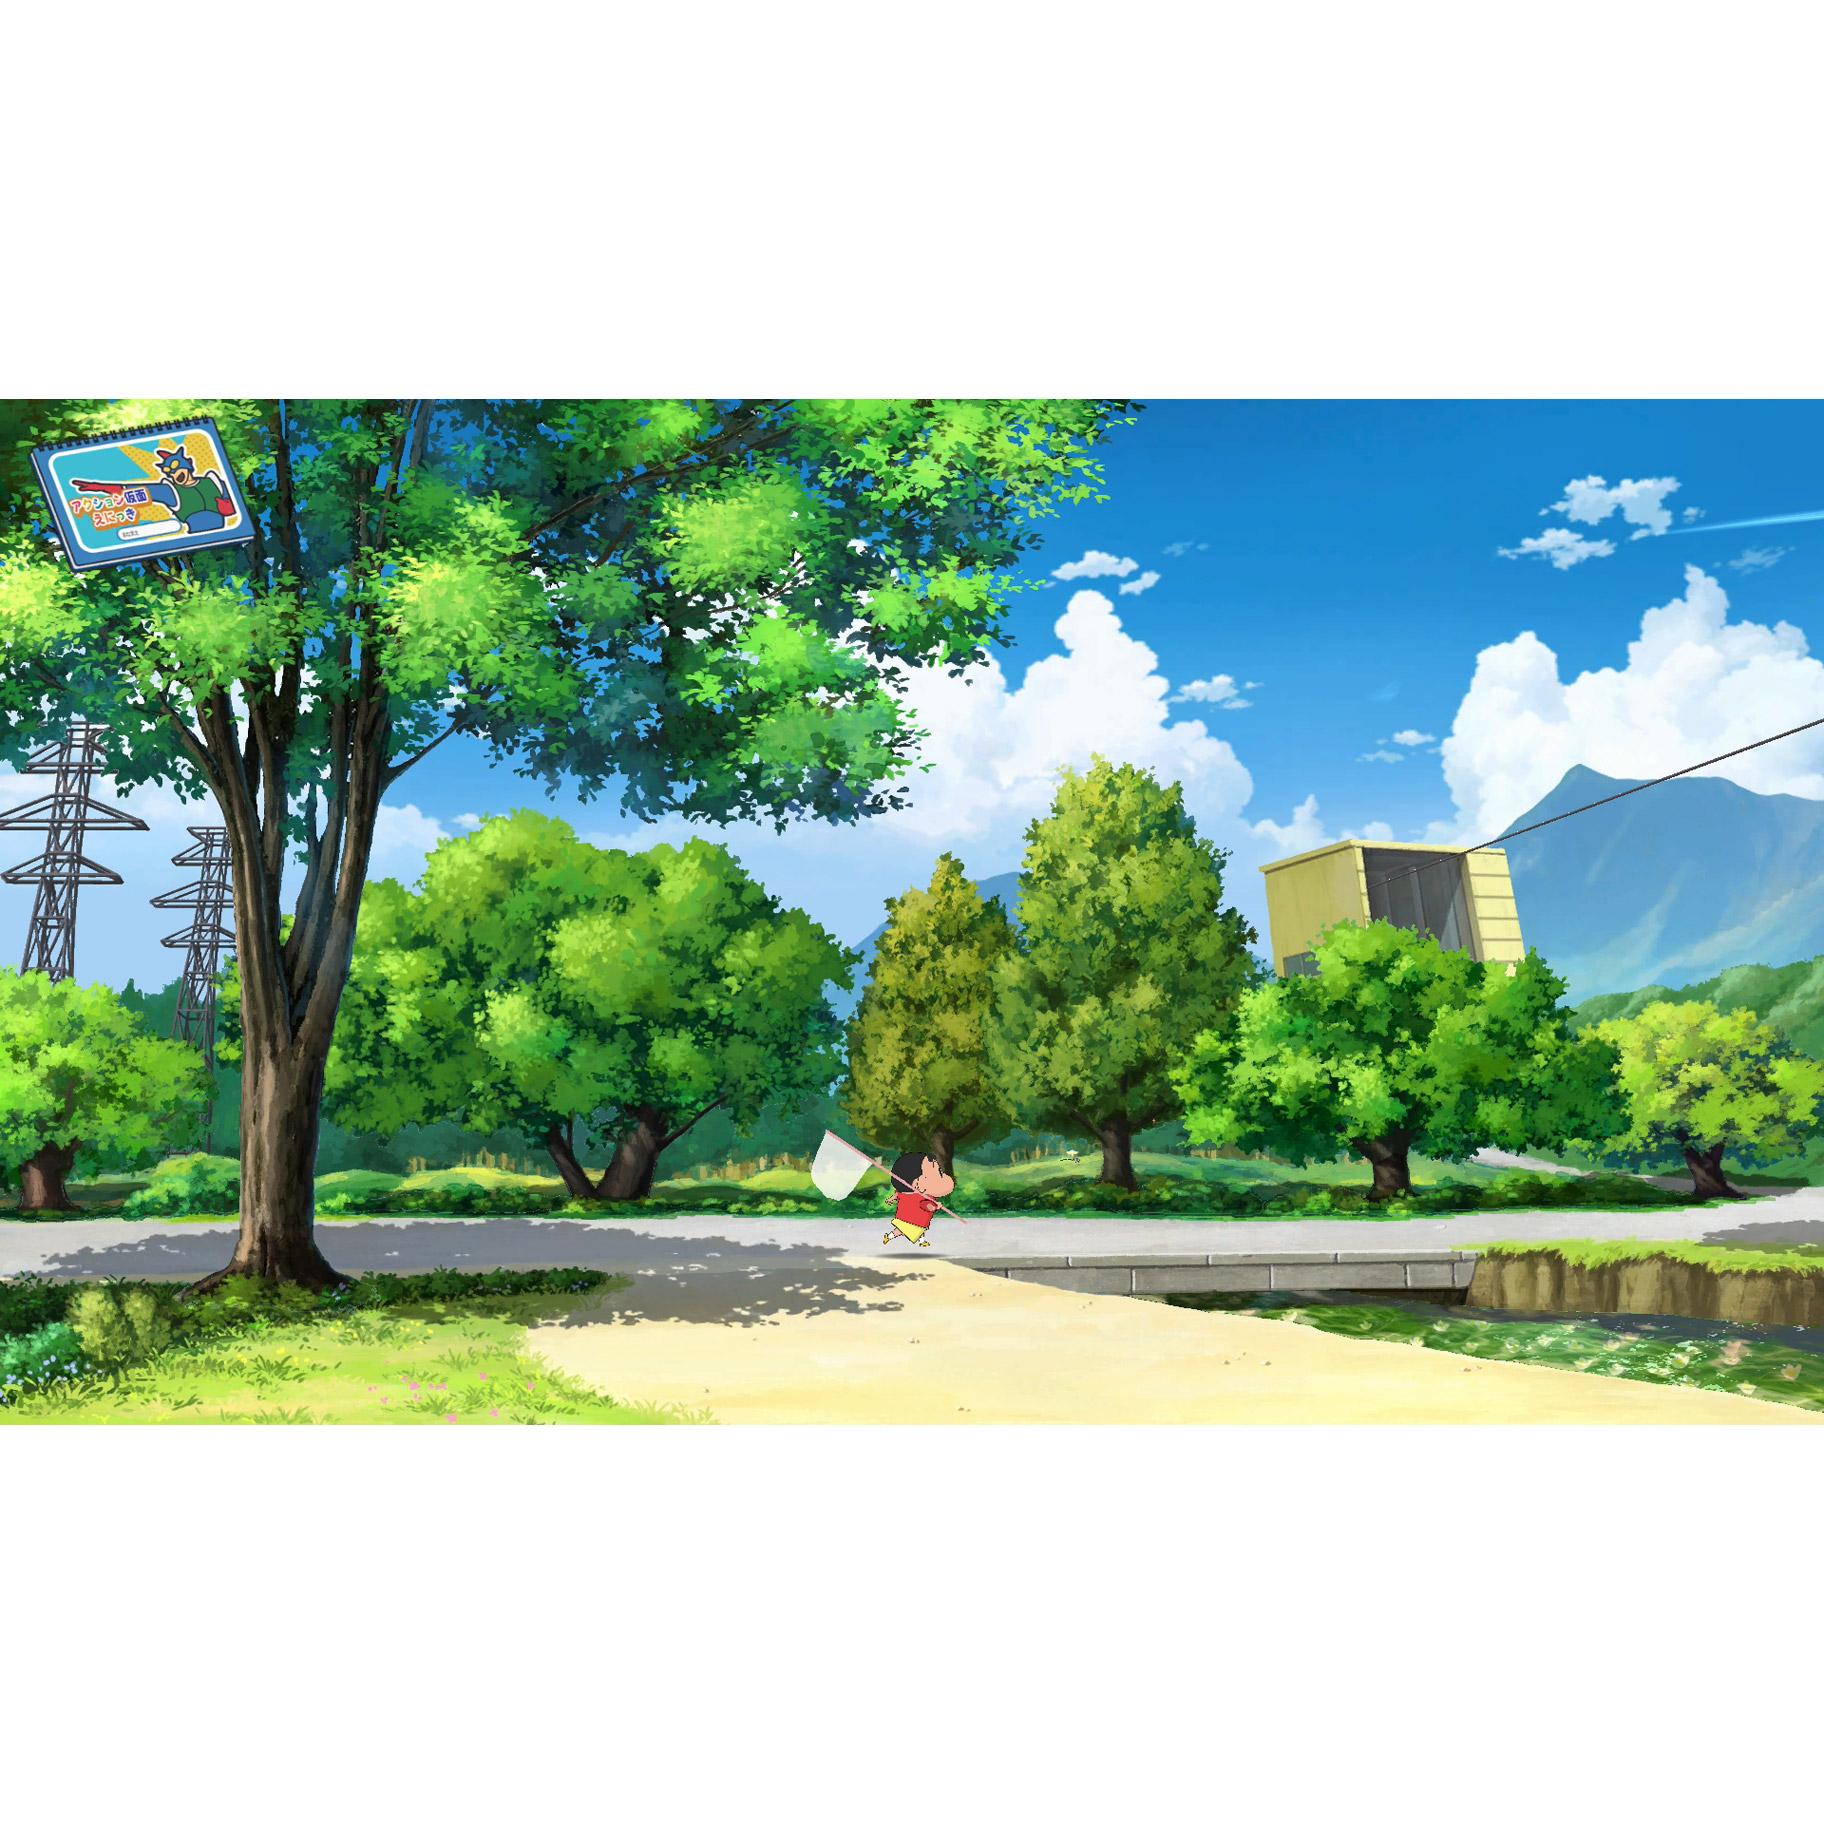 クレヨンしんちゃん『オラと博士の夏休み』〜おわらない七日間の旅〜 通常版 【Switchゲームソフト】_1